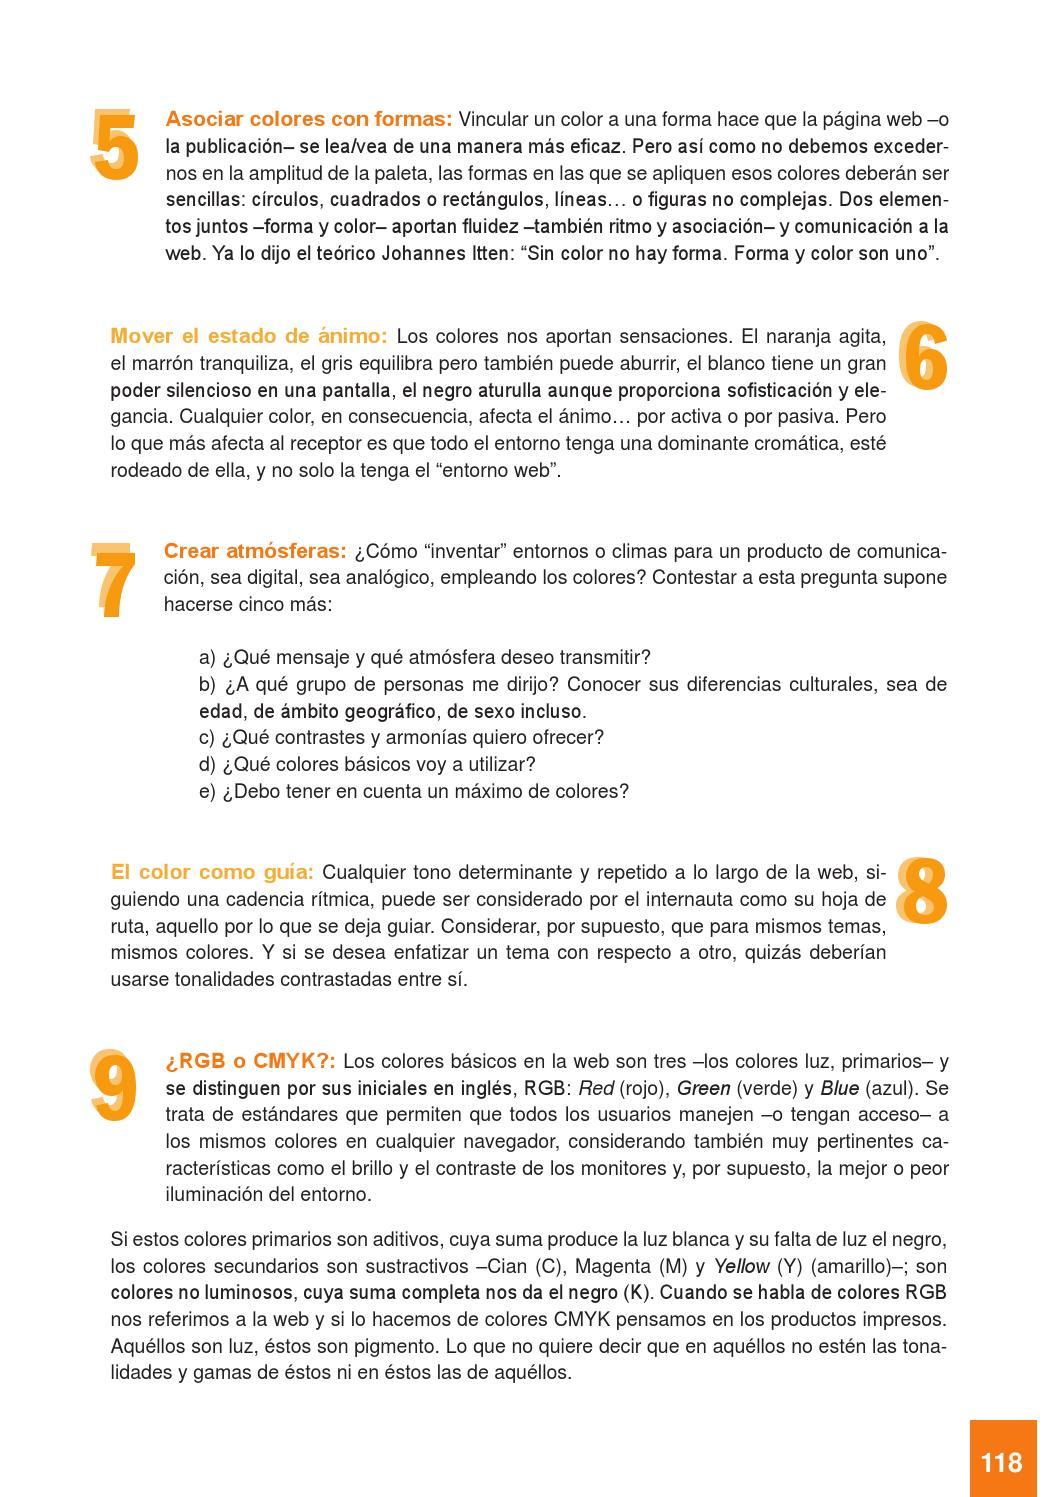 9b75b621b8 Escribir para la red. Reflexiones sobre la nueva (y vieja) escritura  informativa  online  by Jaime Espinoza Cruzado - issuu